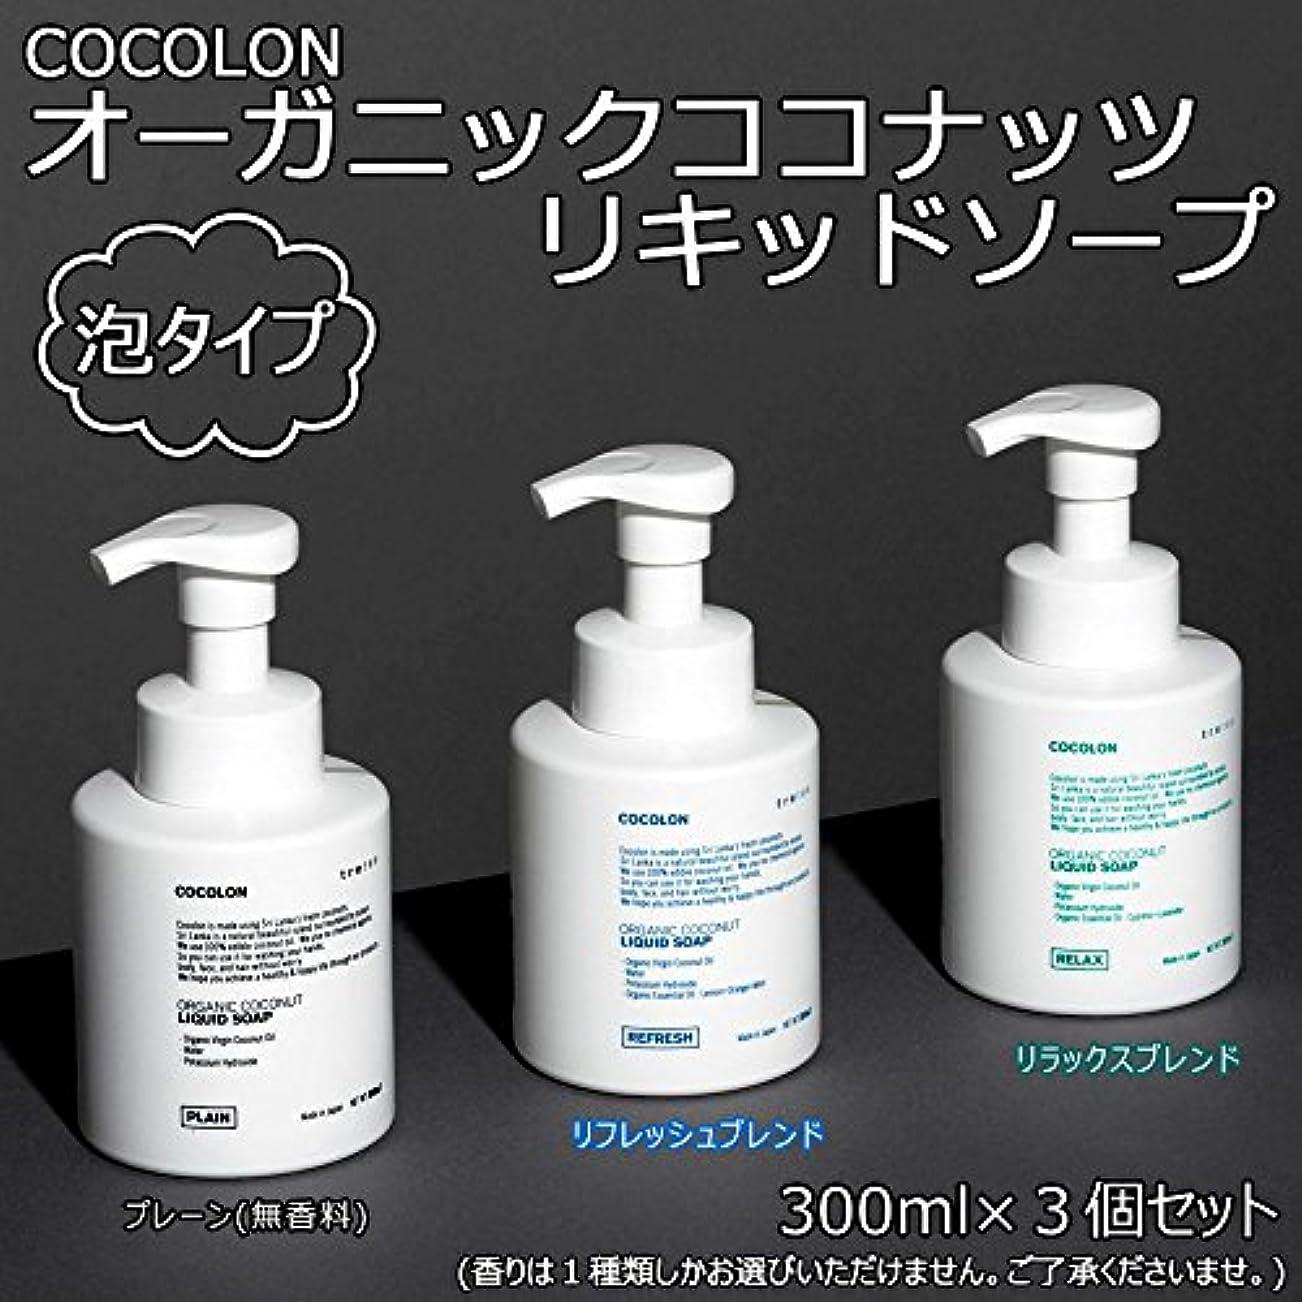 不適切な中毒顔料COCOLON ココロン オーガニックココナッツリキッドソープ 泡タイプ 300ml 3個セット リフレッシュブレンド